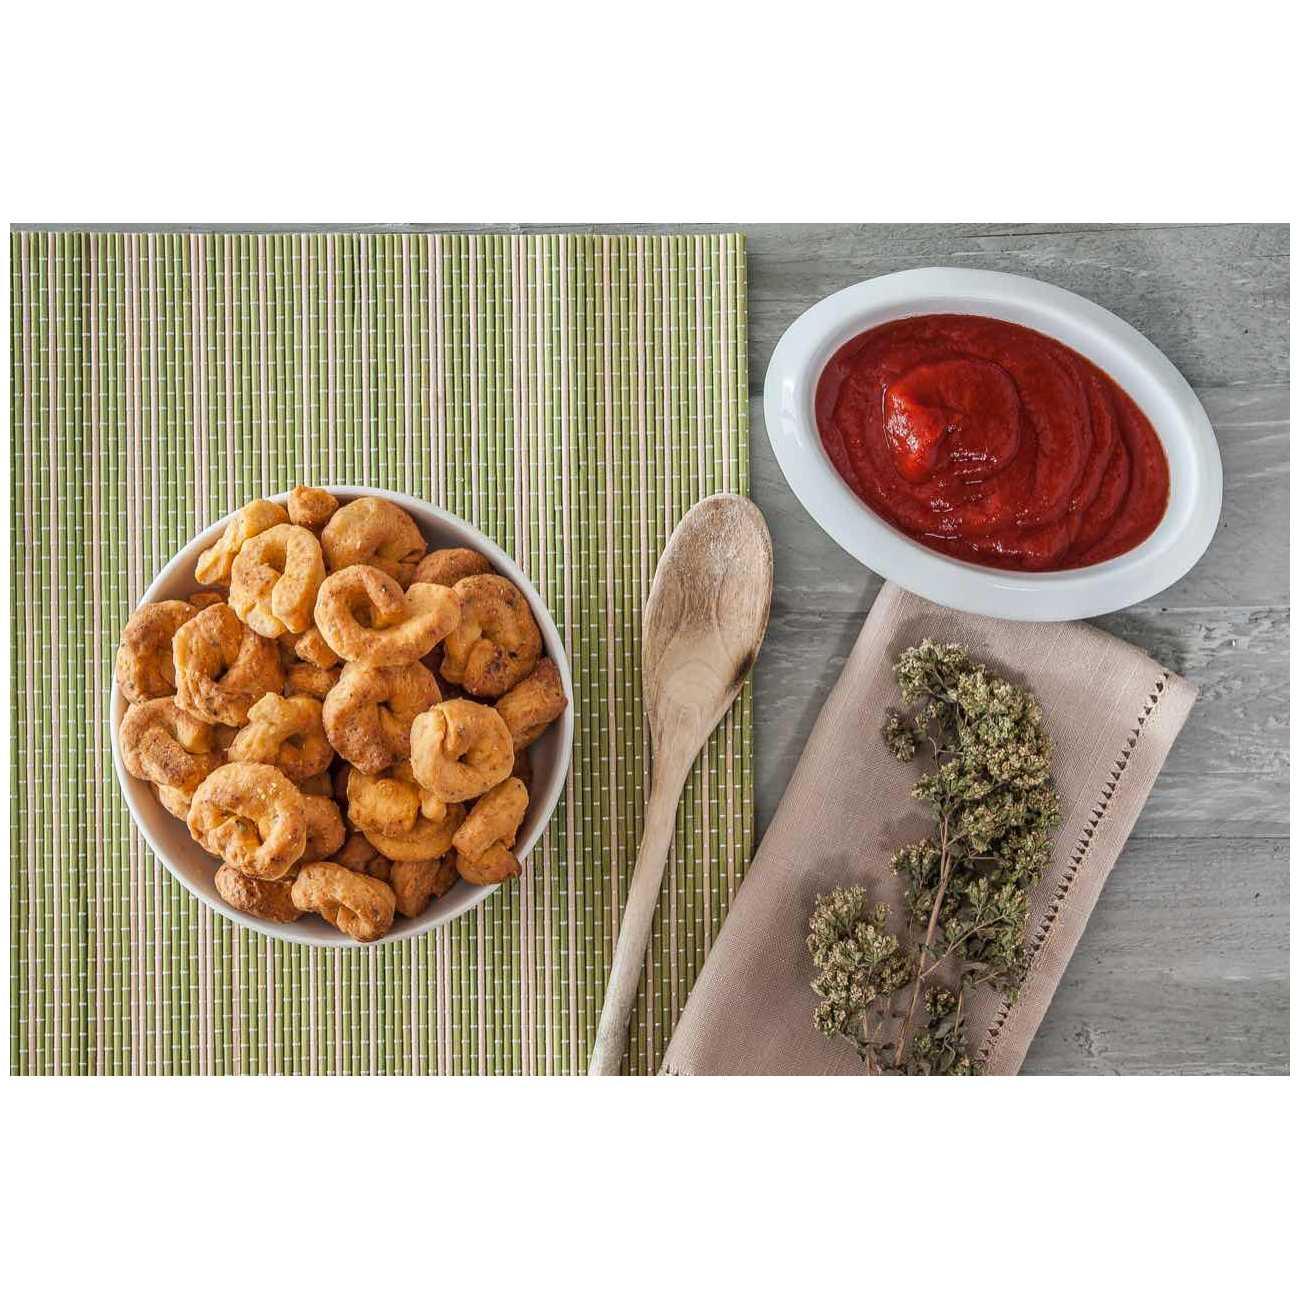 Tarallucci pomodoro e origano - Grissini